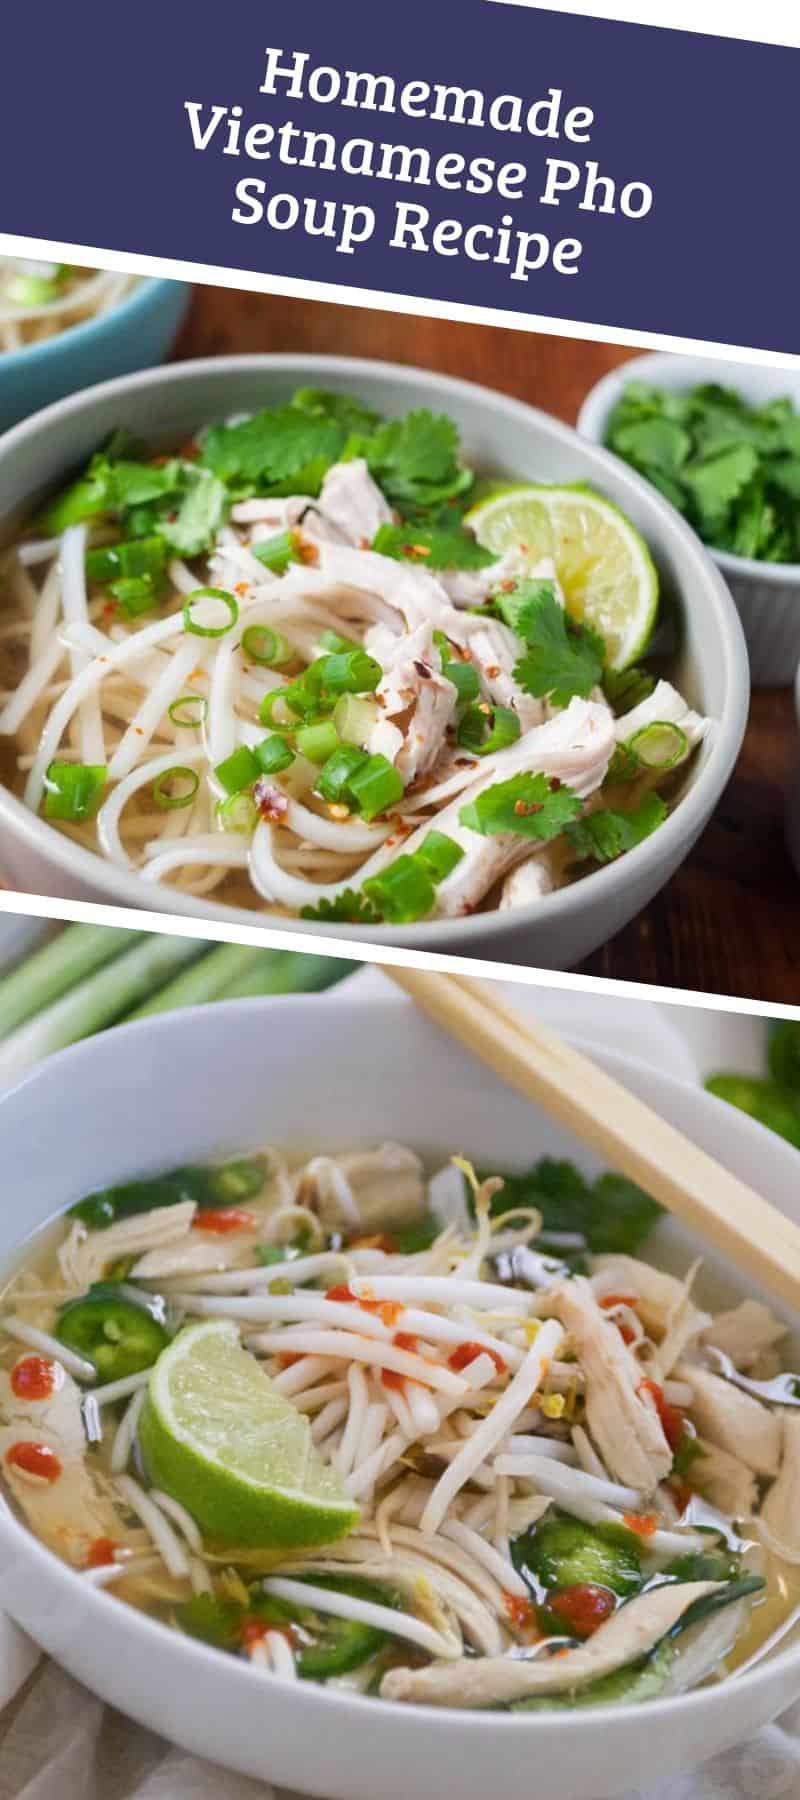 Homemade Vietnamese Pho Soup Recipe